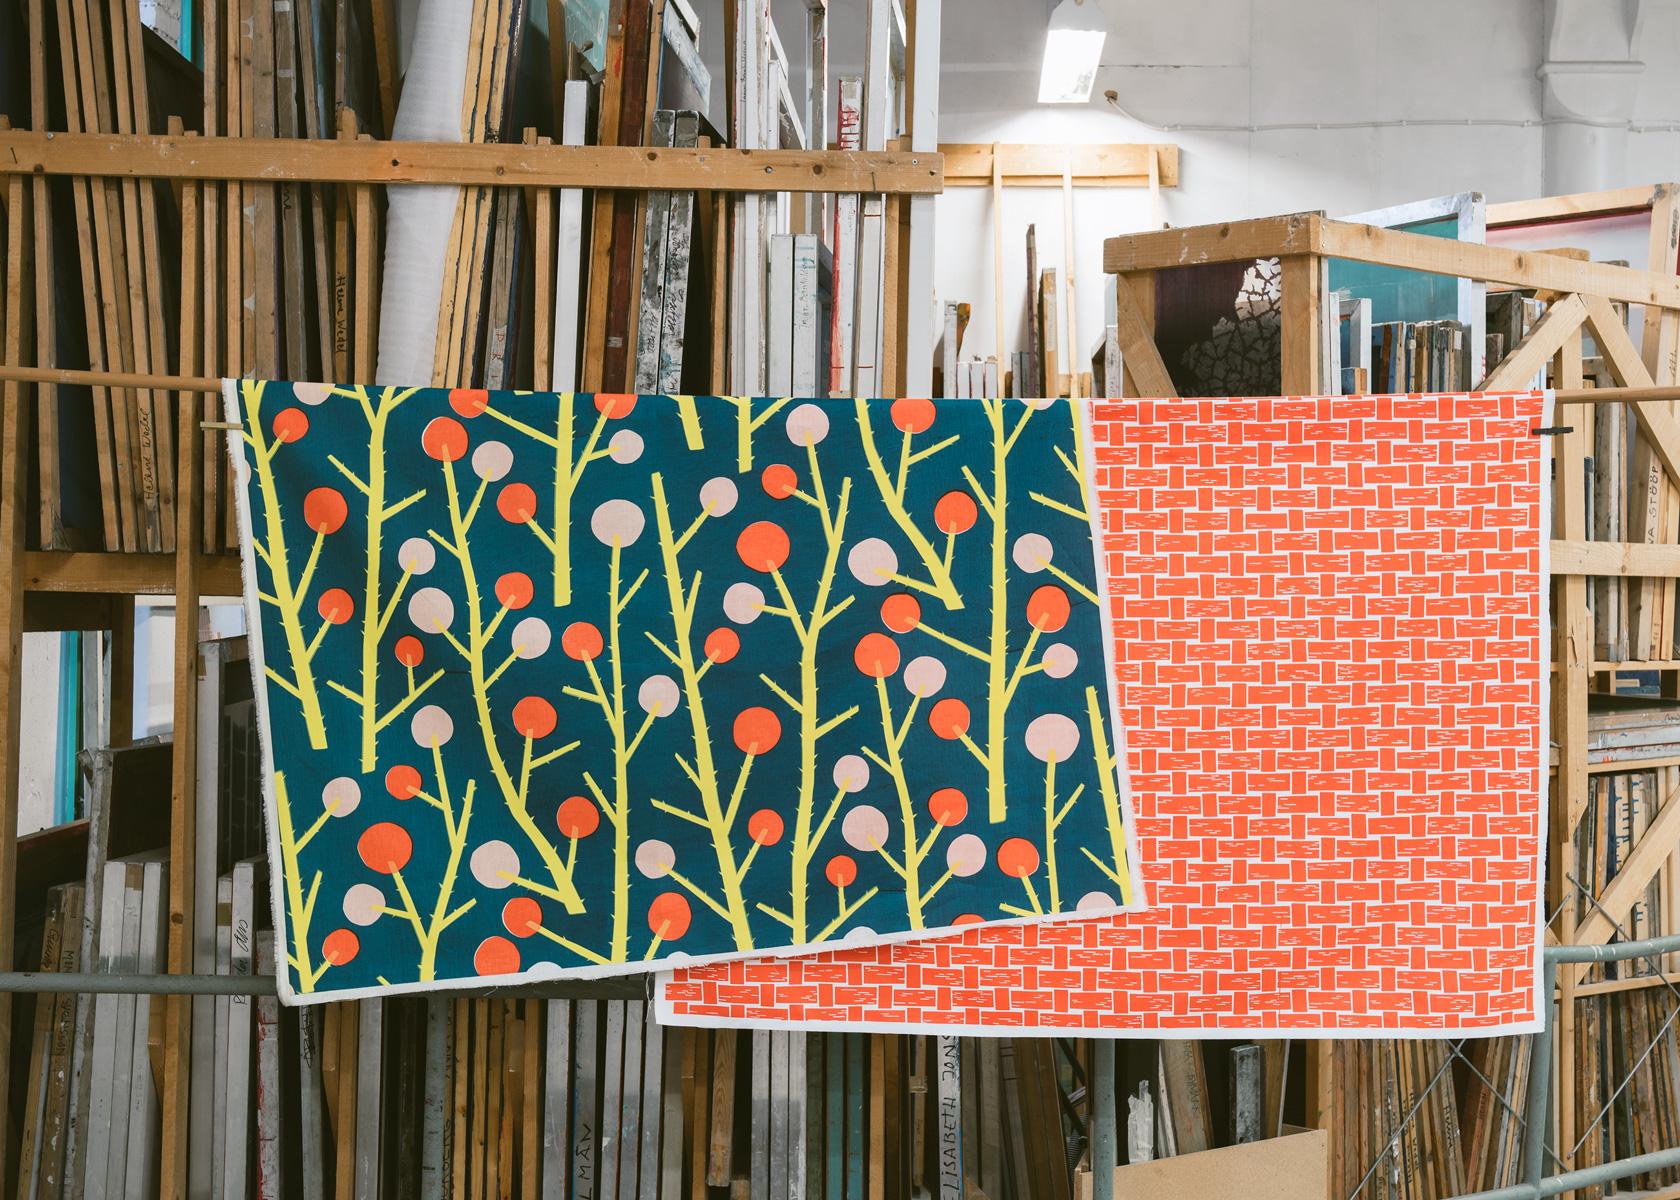 Taggloka och Näverfläta, handtryckta mönster från nyetablerade Studio Murkla. (Foto Hilda Granath)